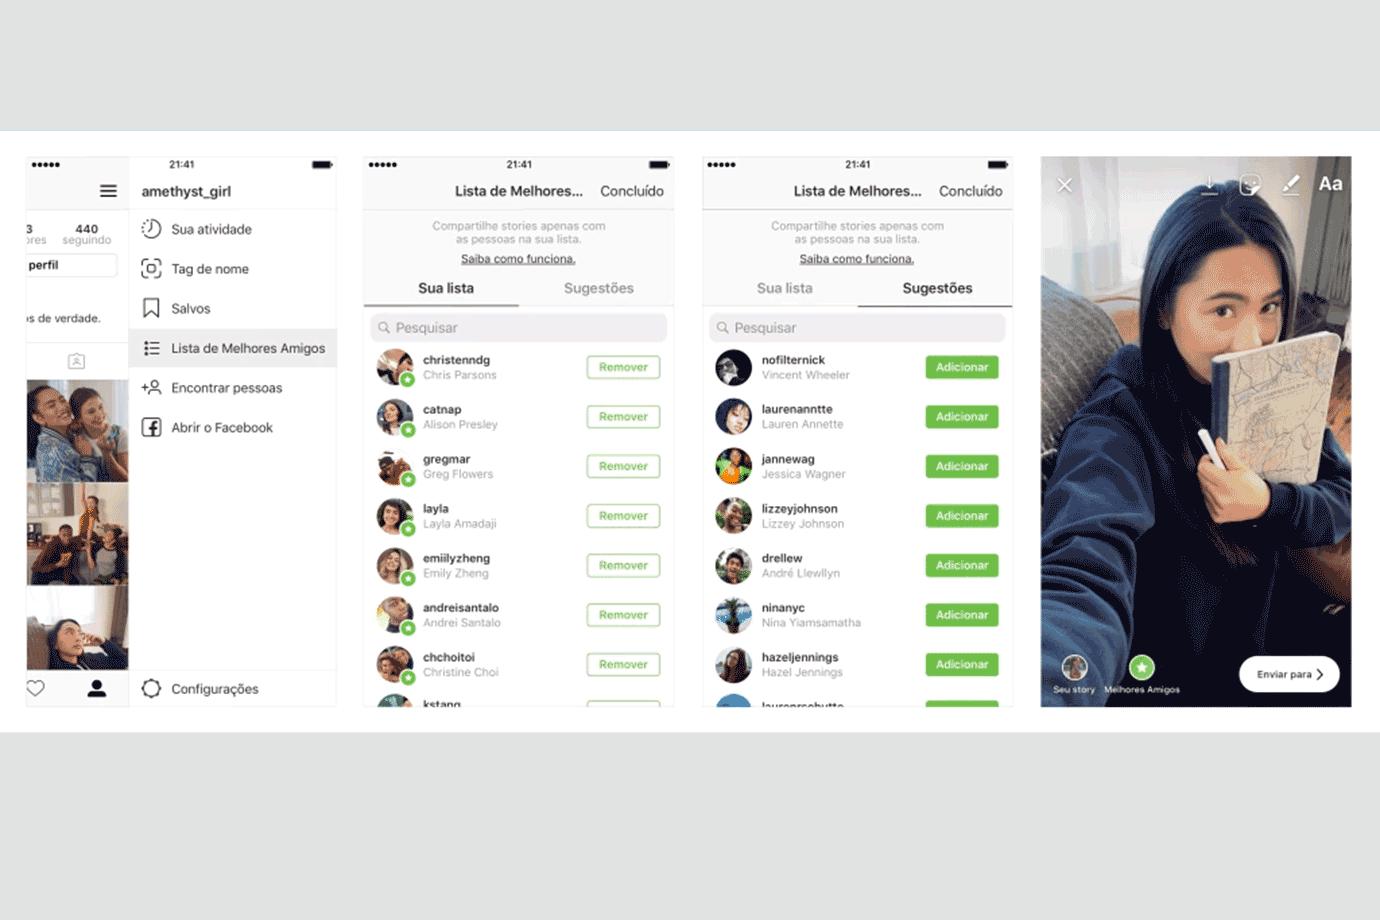 Instagram-Stories-Melhores-Amigos